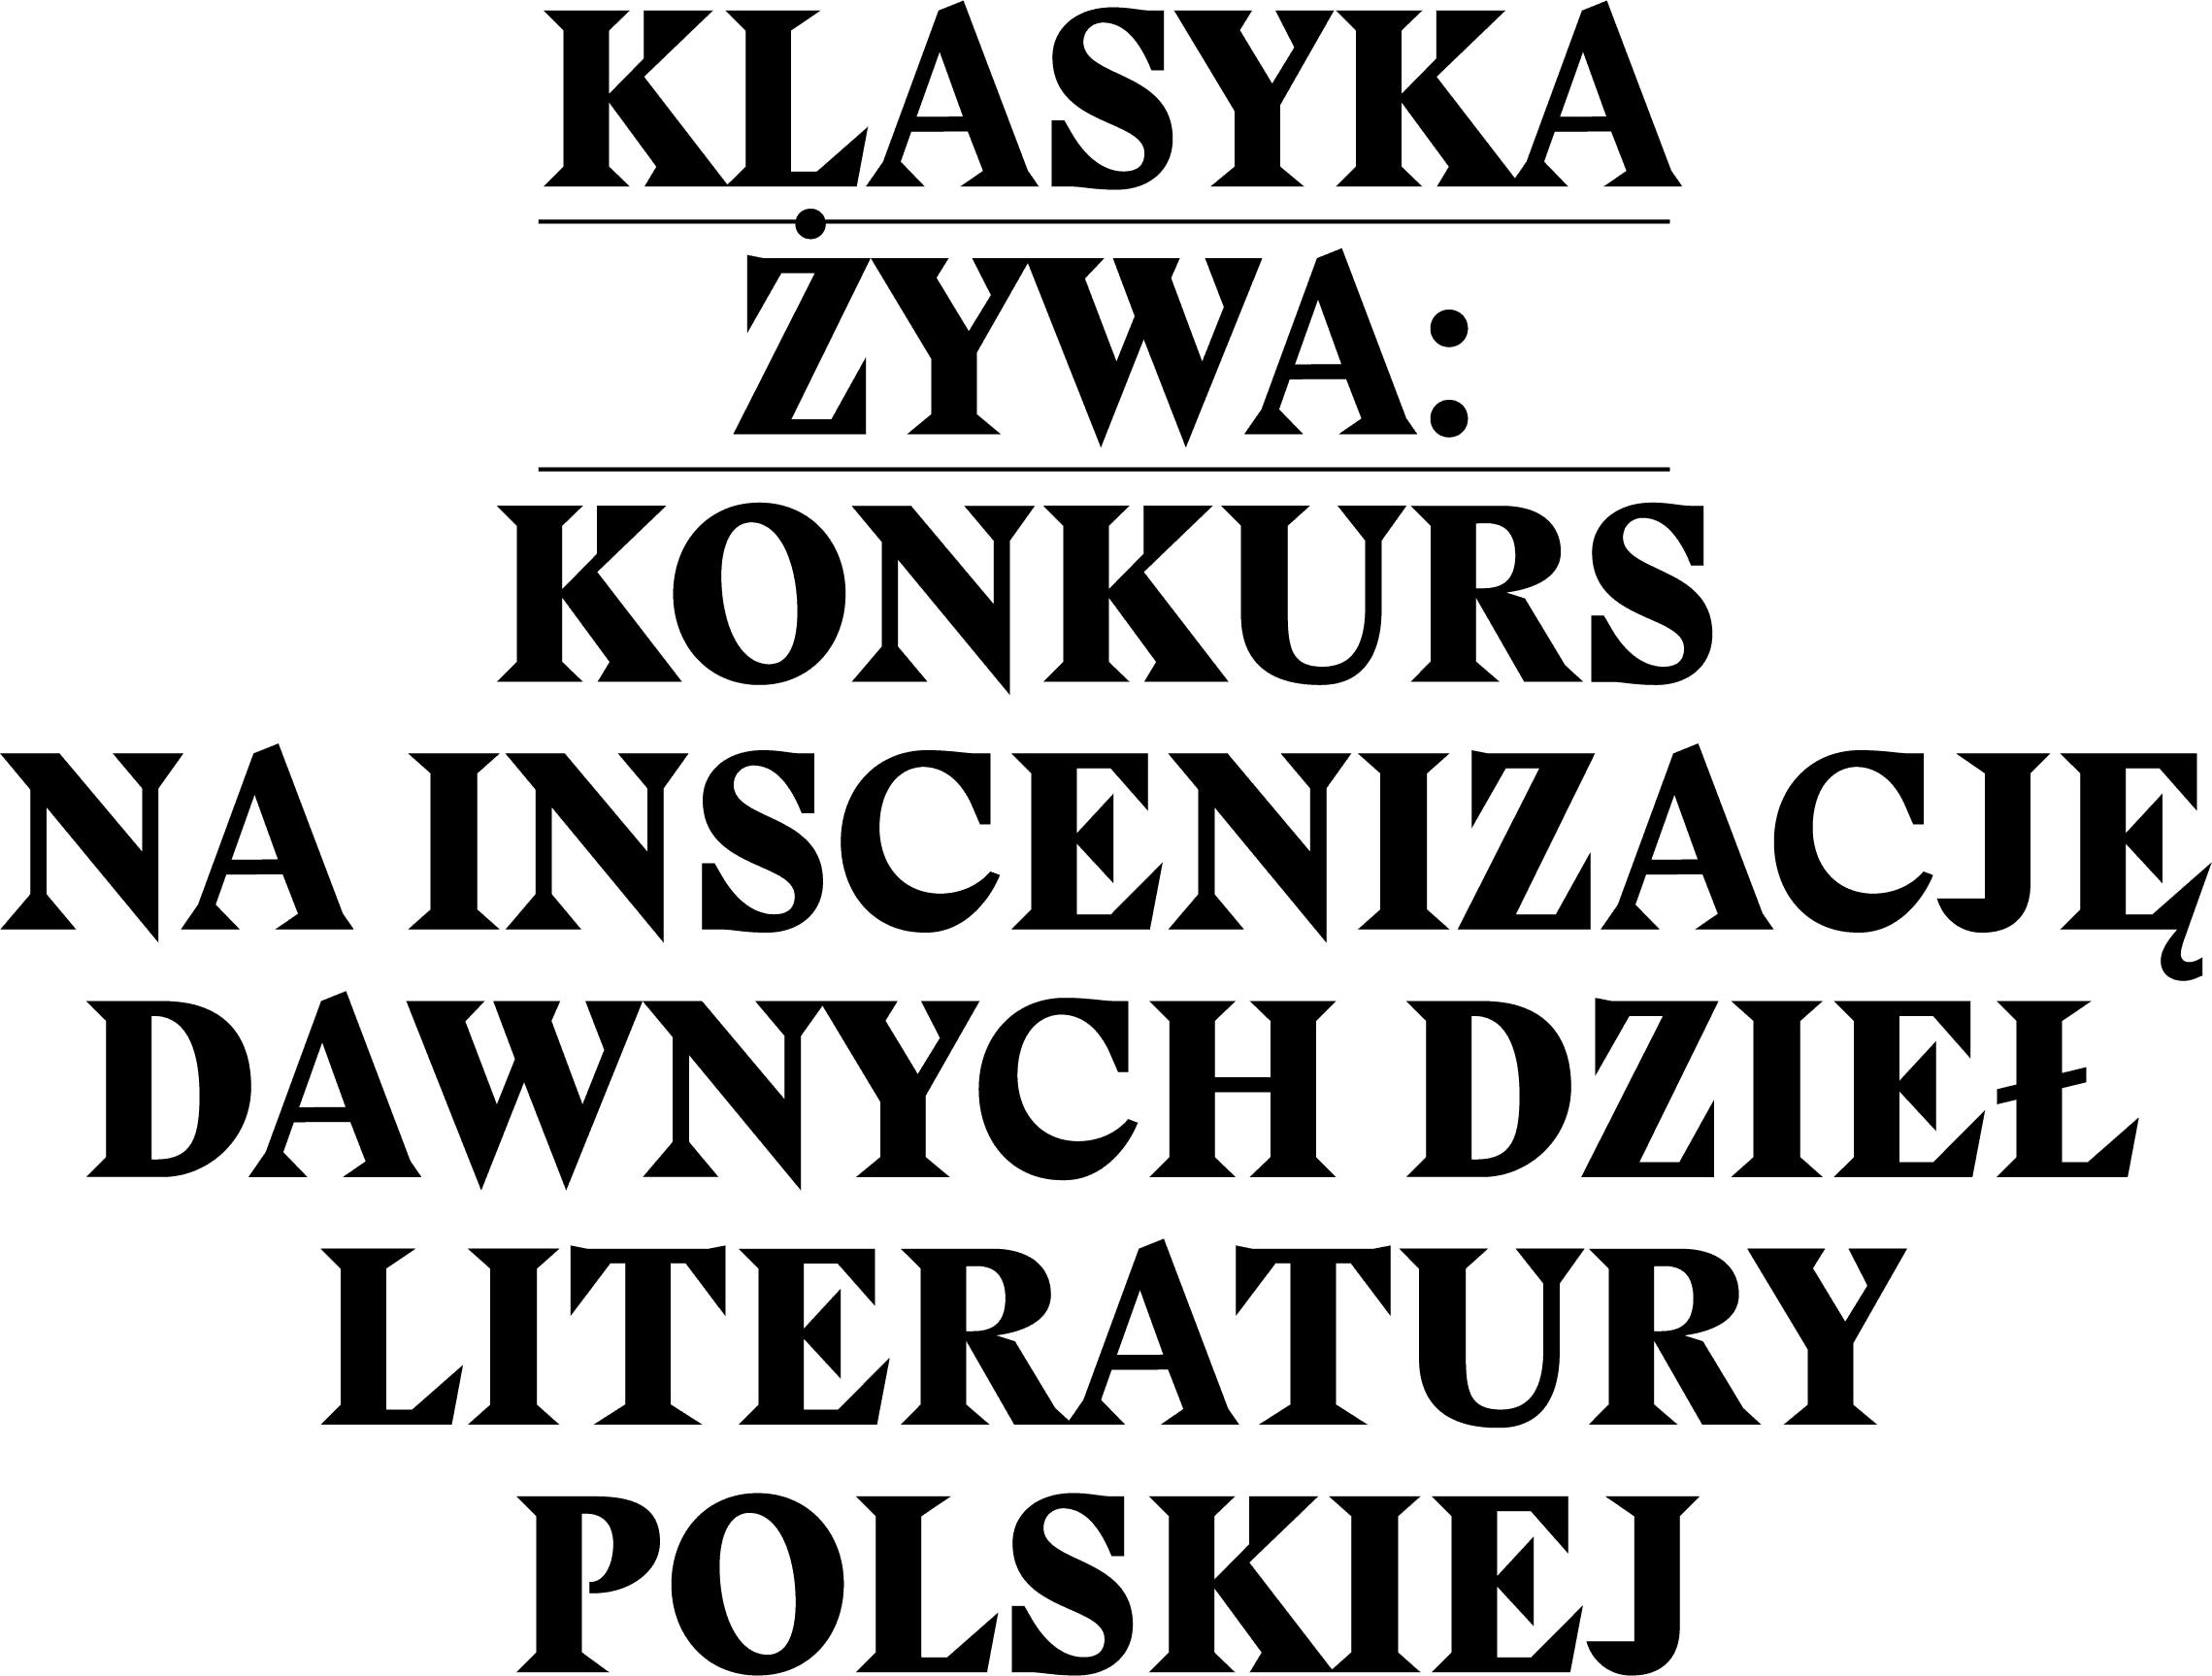 Klasyka Żywa: Konkurs na inscenizację dawnych dzieł literatury polskiej